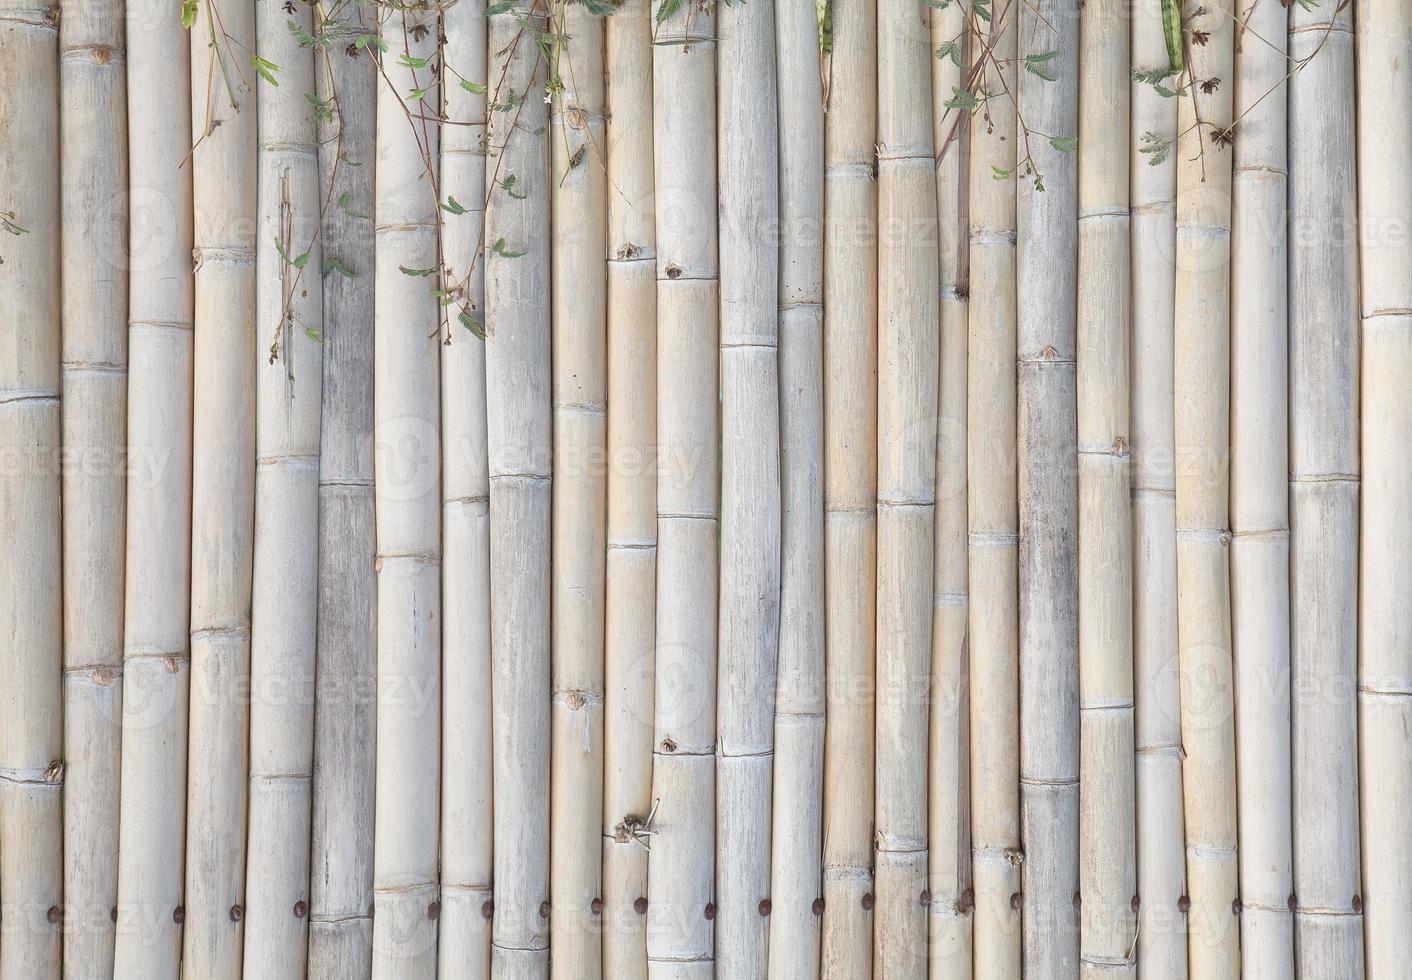 vecchio sfondo di recinzione di bambù foto